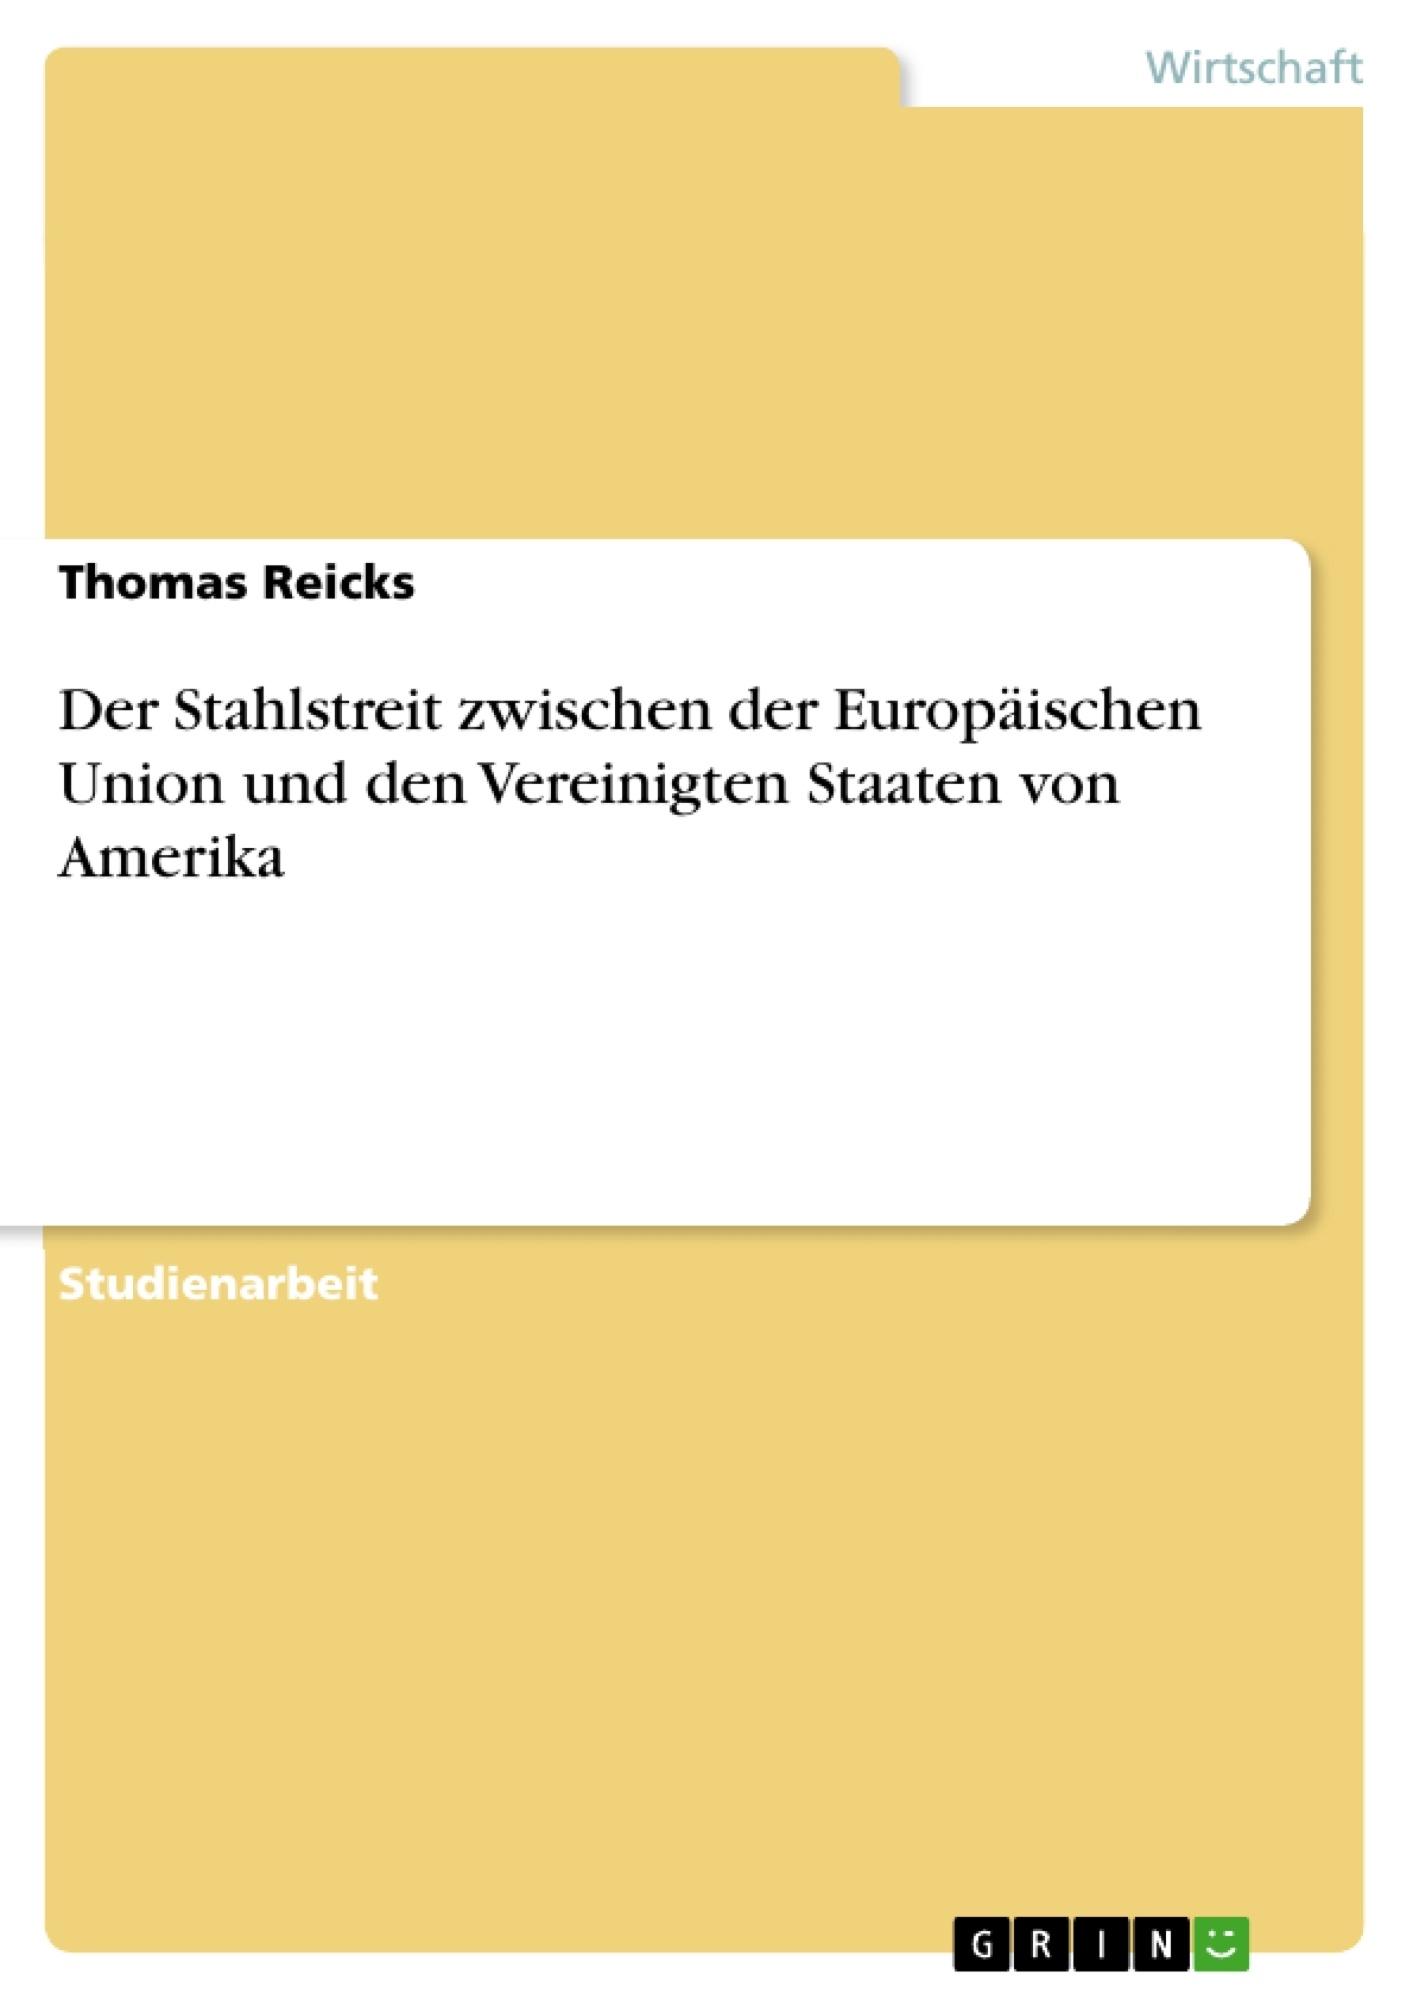 Titel: Der Stahlstreit zwischen der Europäischen Union und den Vereinigten Staaten von Amerika